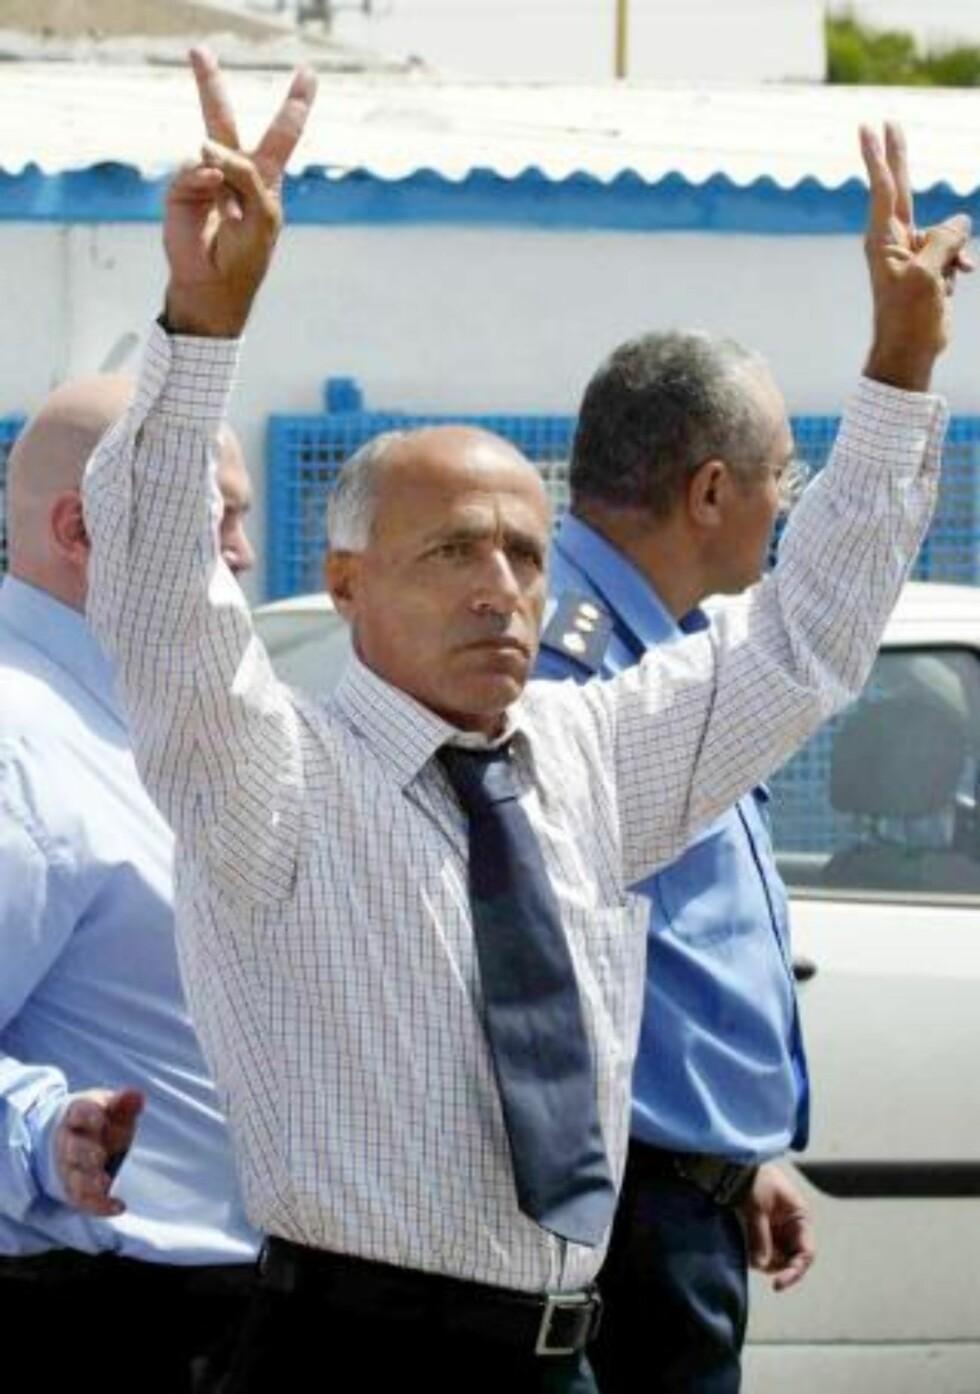 ARRESTERT: Mordechai Vanunu ble løslatt i 2004, men er nektet kontakt med utlendinger samt utreise fra Israel. Mandag ble Vanunu og hans norske kjæreste, bibelforskeren Kristin Joachimsen, arrestert på et hotell i Jerusalem. Foto: SCANPIX